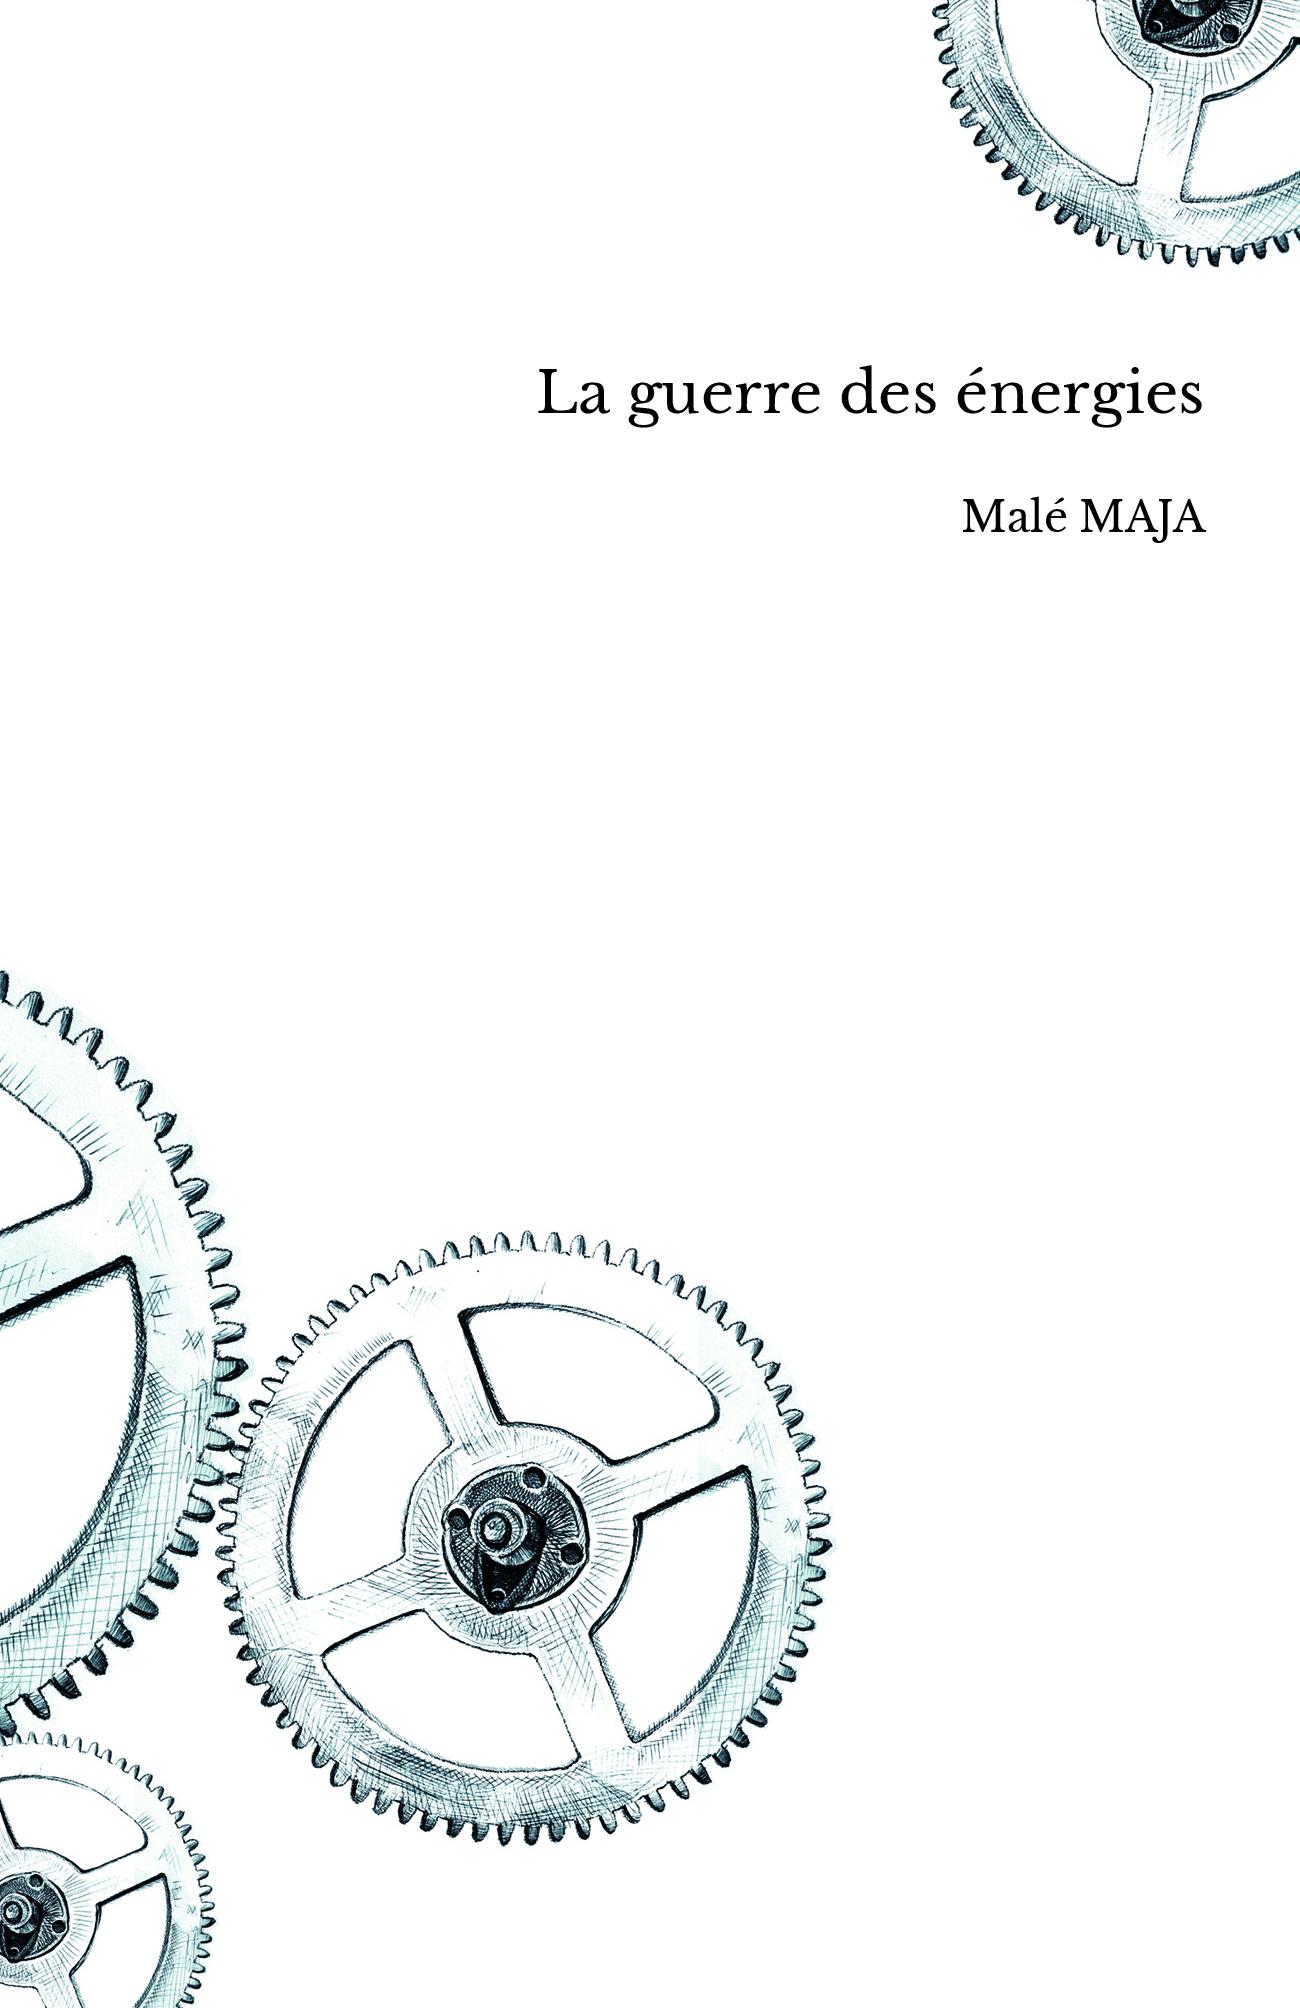 La guerre des énergies